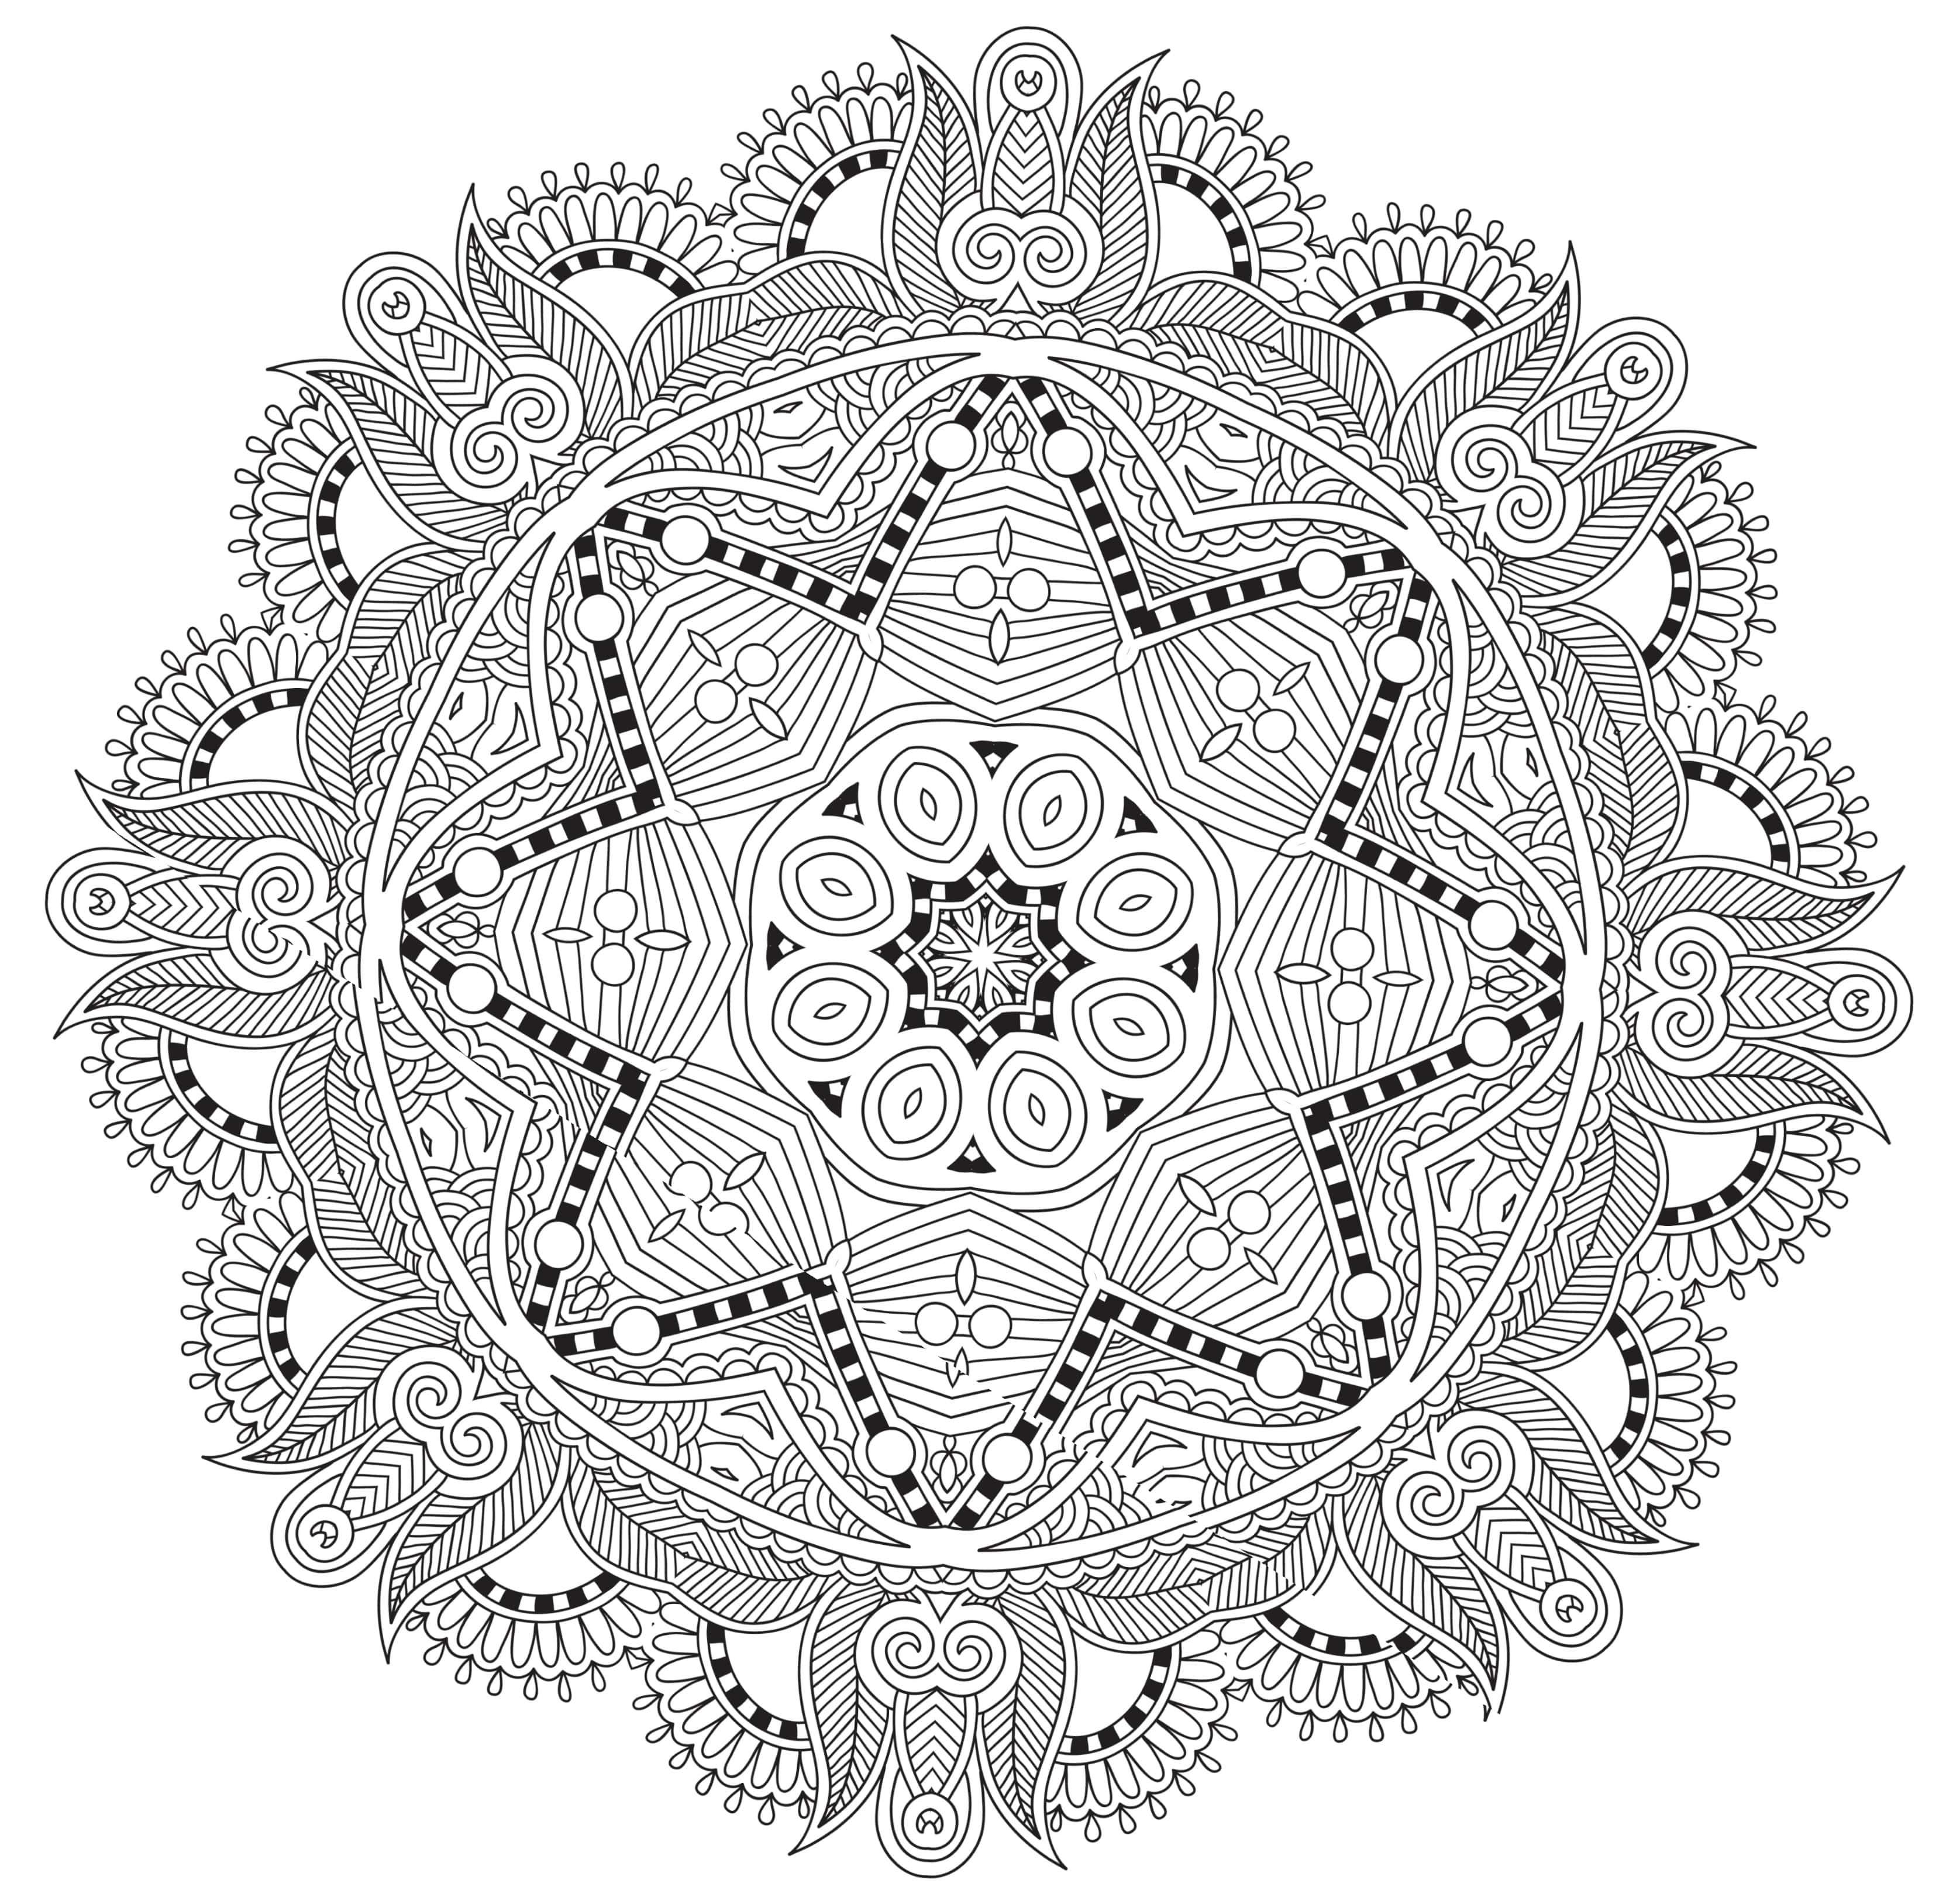 20 Free Printable Coloring Pages: Mandala Templates - The Maven Circle